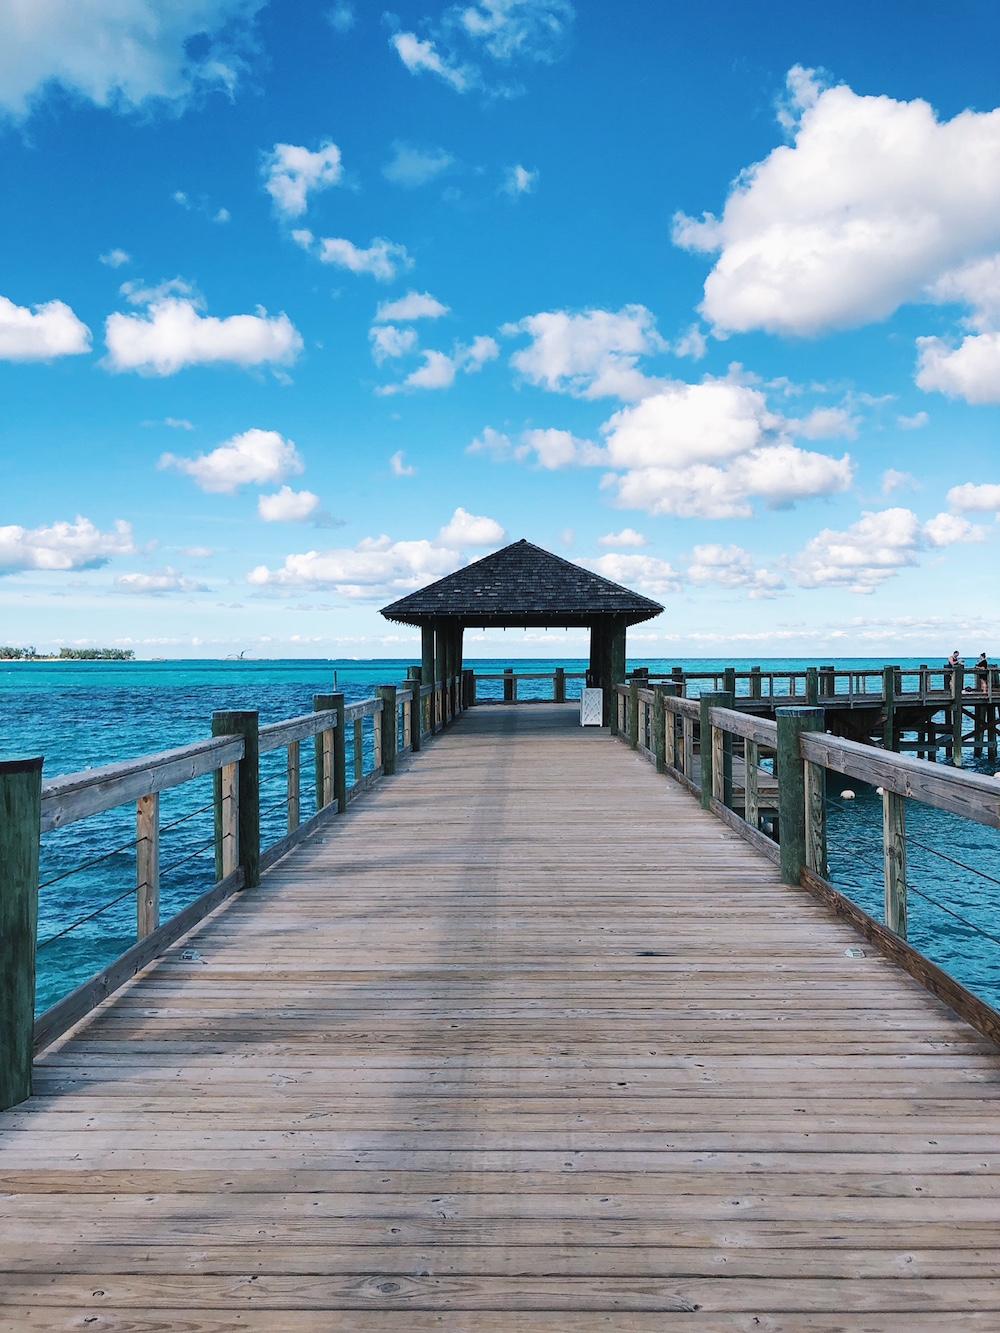 Pier boardwalk at Grand Hyatt Baha Mar Bahamas